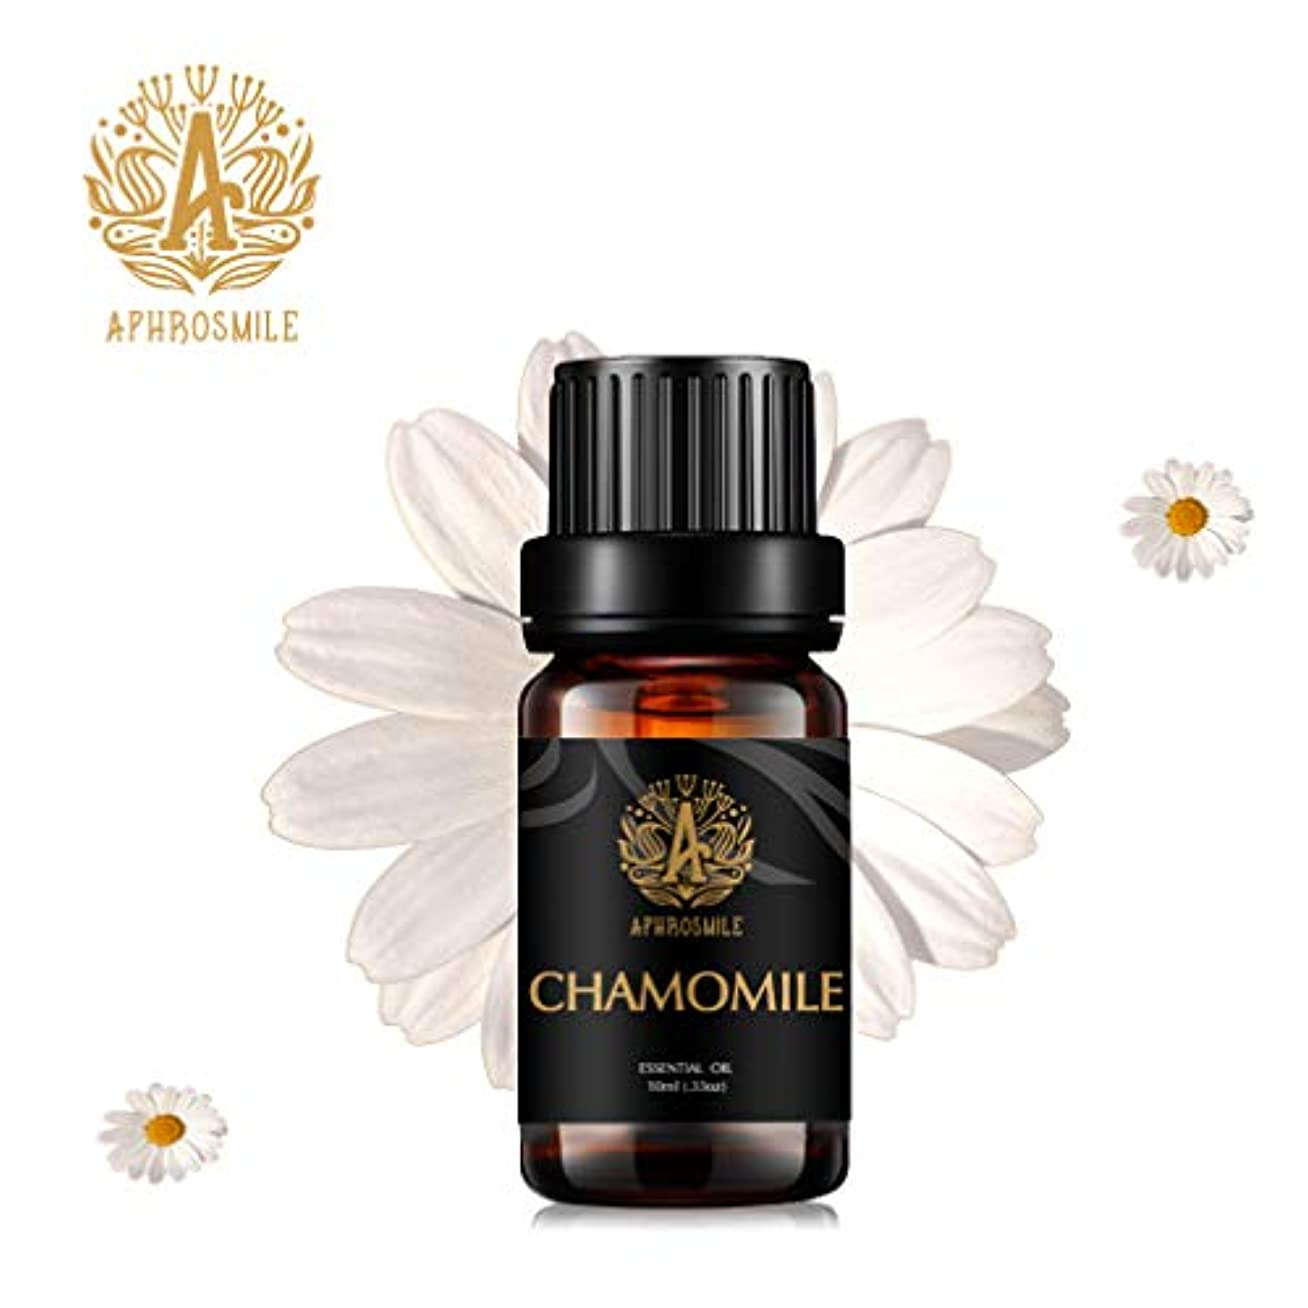 カモミールエッセンシャルオイル、100%純粋なアロマセラピーエッセンシャルオイルカモミールの香り、不安を和らげます、治療上の等級の精油のカモミールの芳香のために拡散器、マッサージ、加湿器、毎日の心配、0.33オンス-10ml